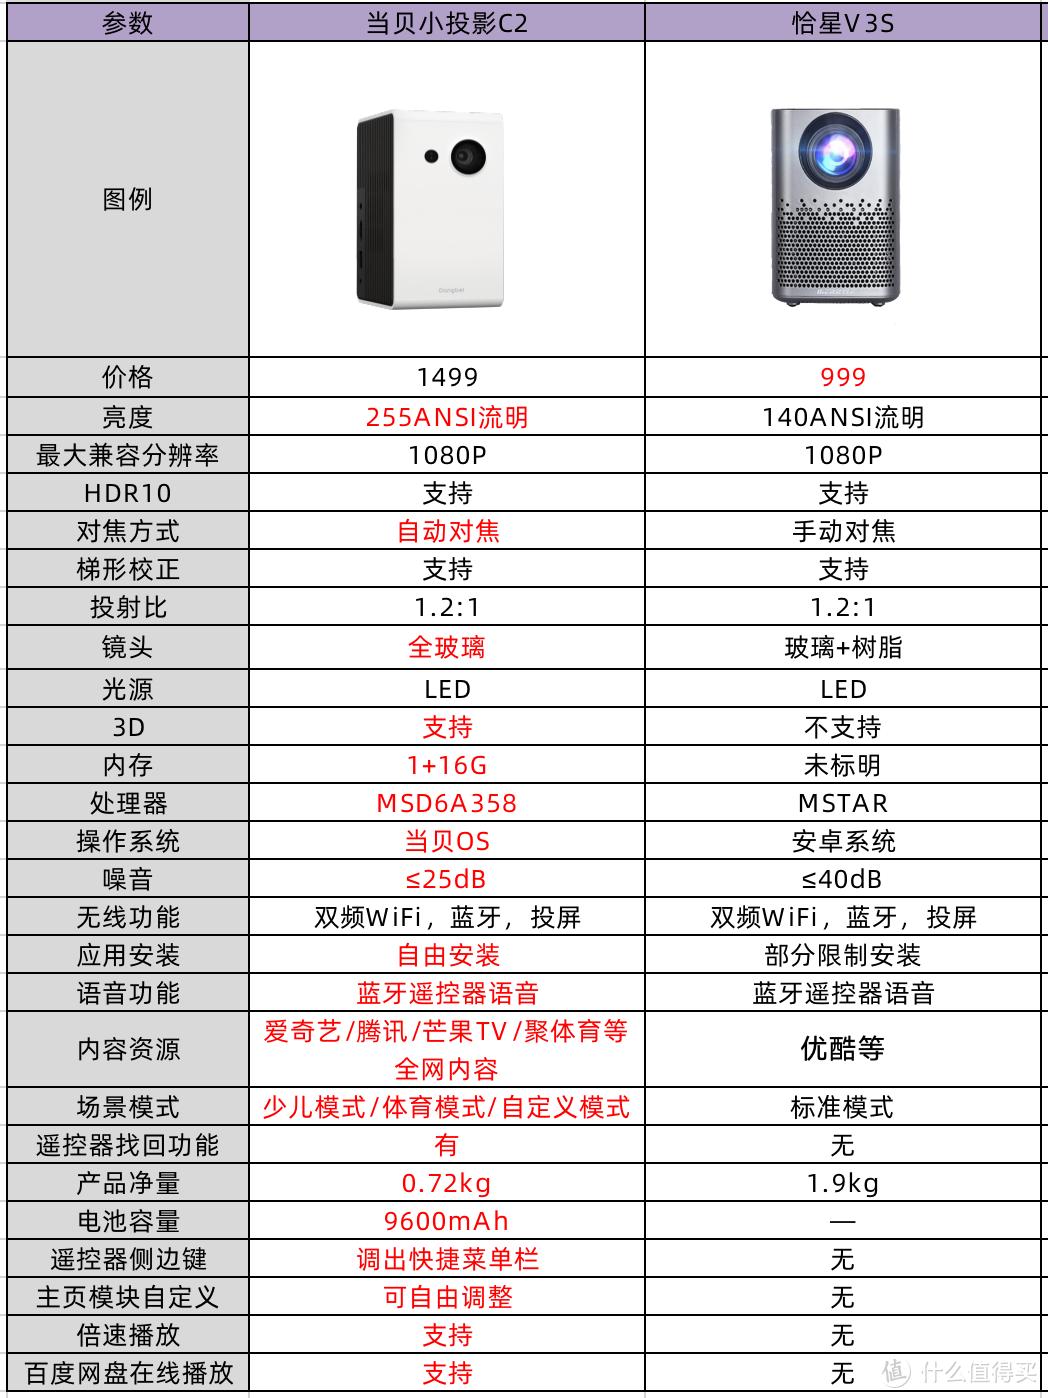 当贝C2和恰星V3S哪款更值得买?哪款更便携?